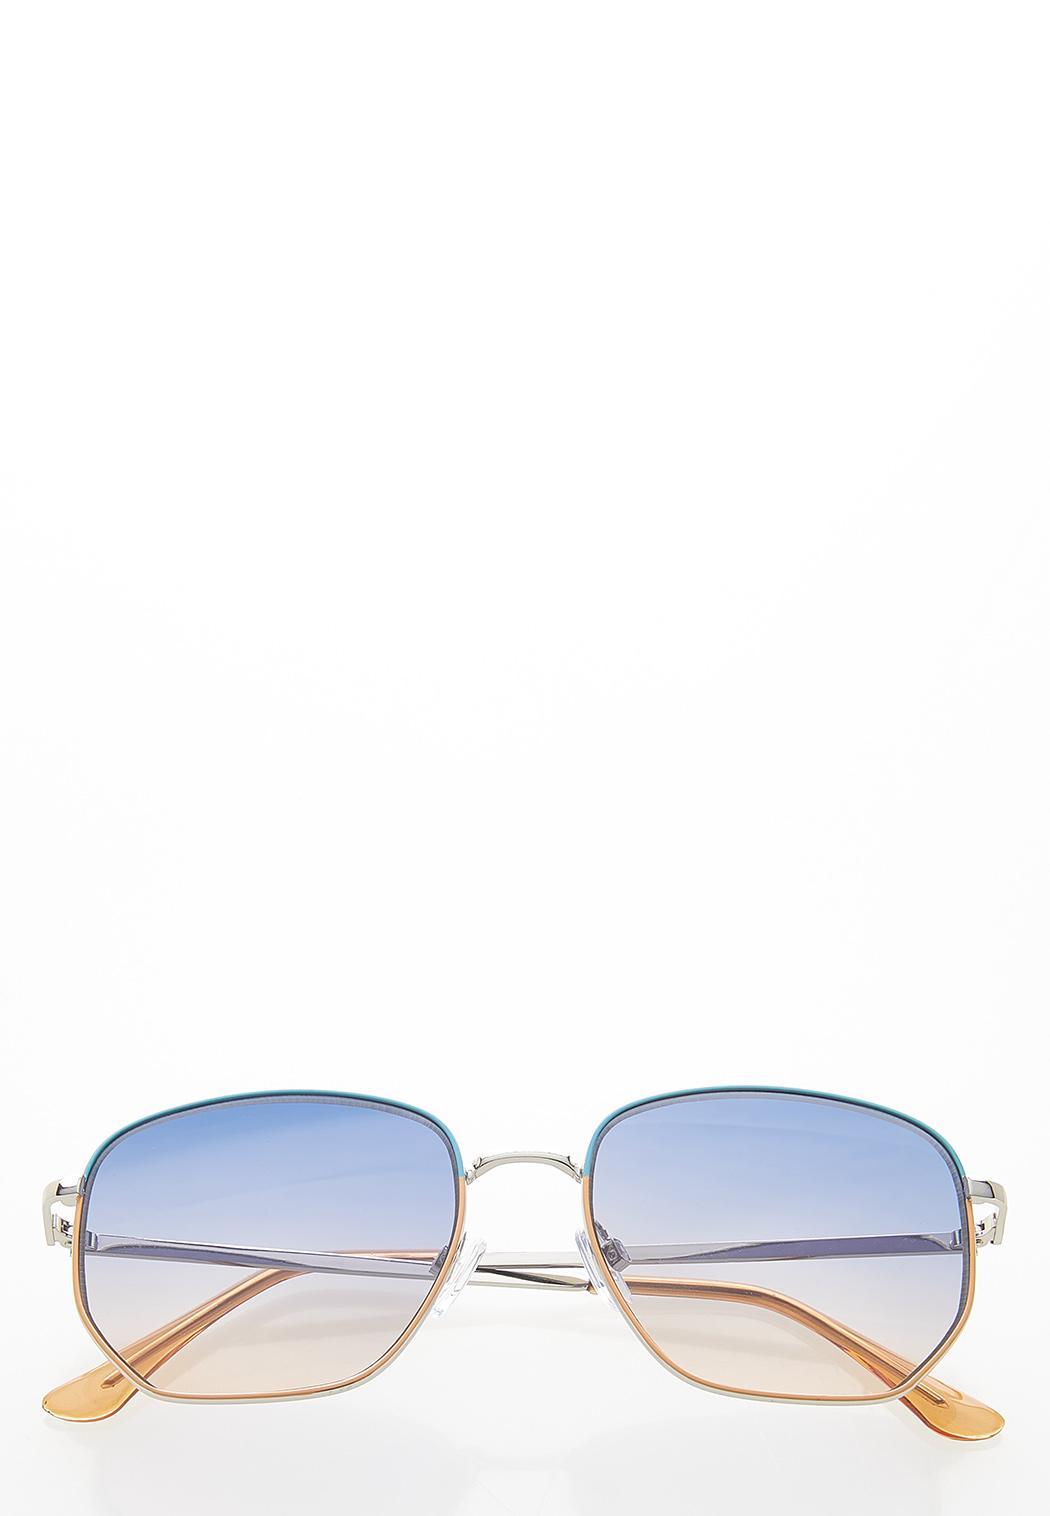 Two-Tone Fashion Sunglasses